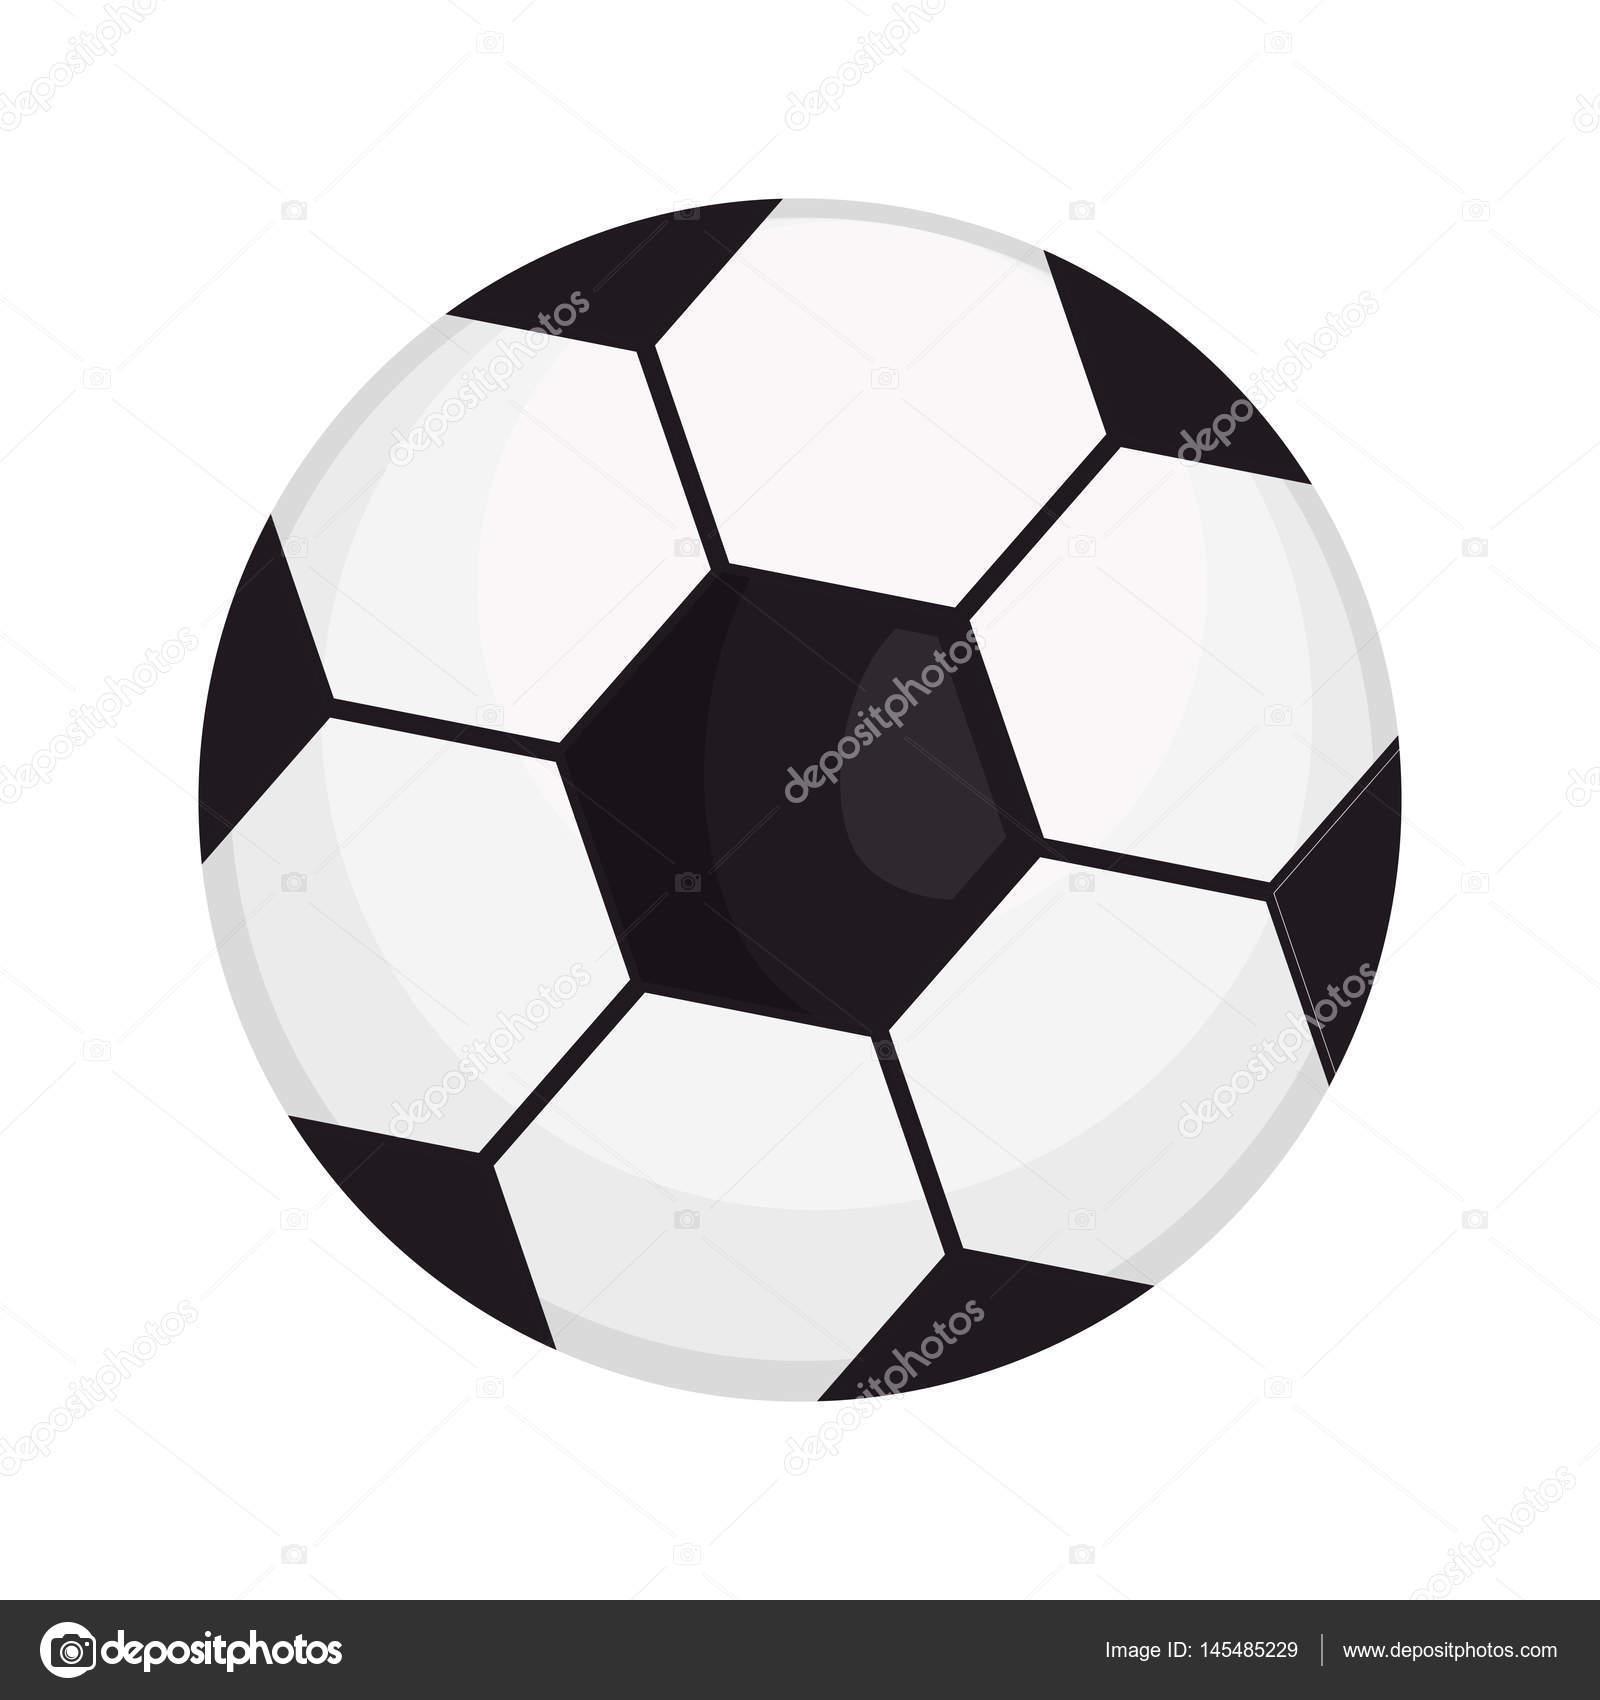 Fussball Ballon Isoliert Symbol Stockvektor C Yupiramos